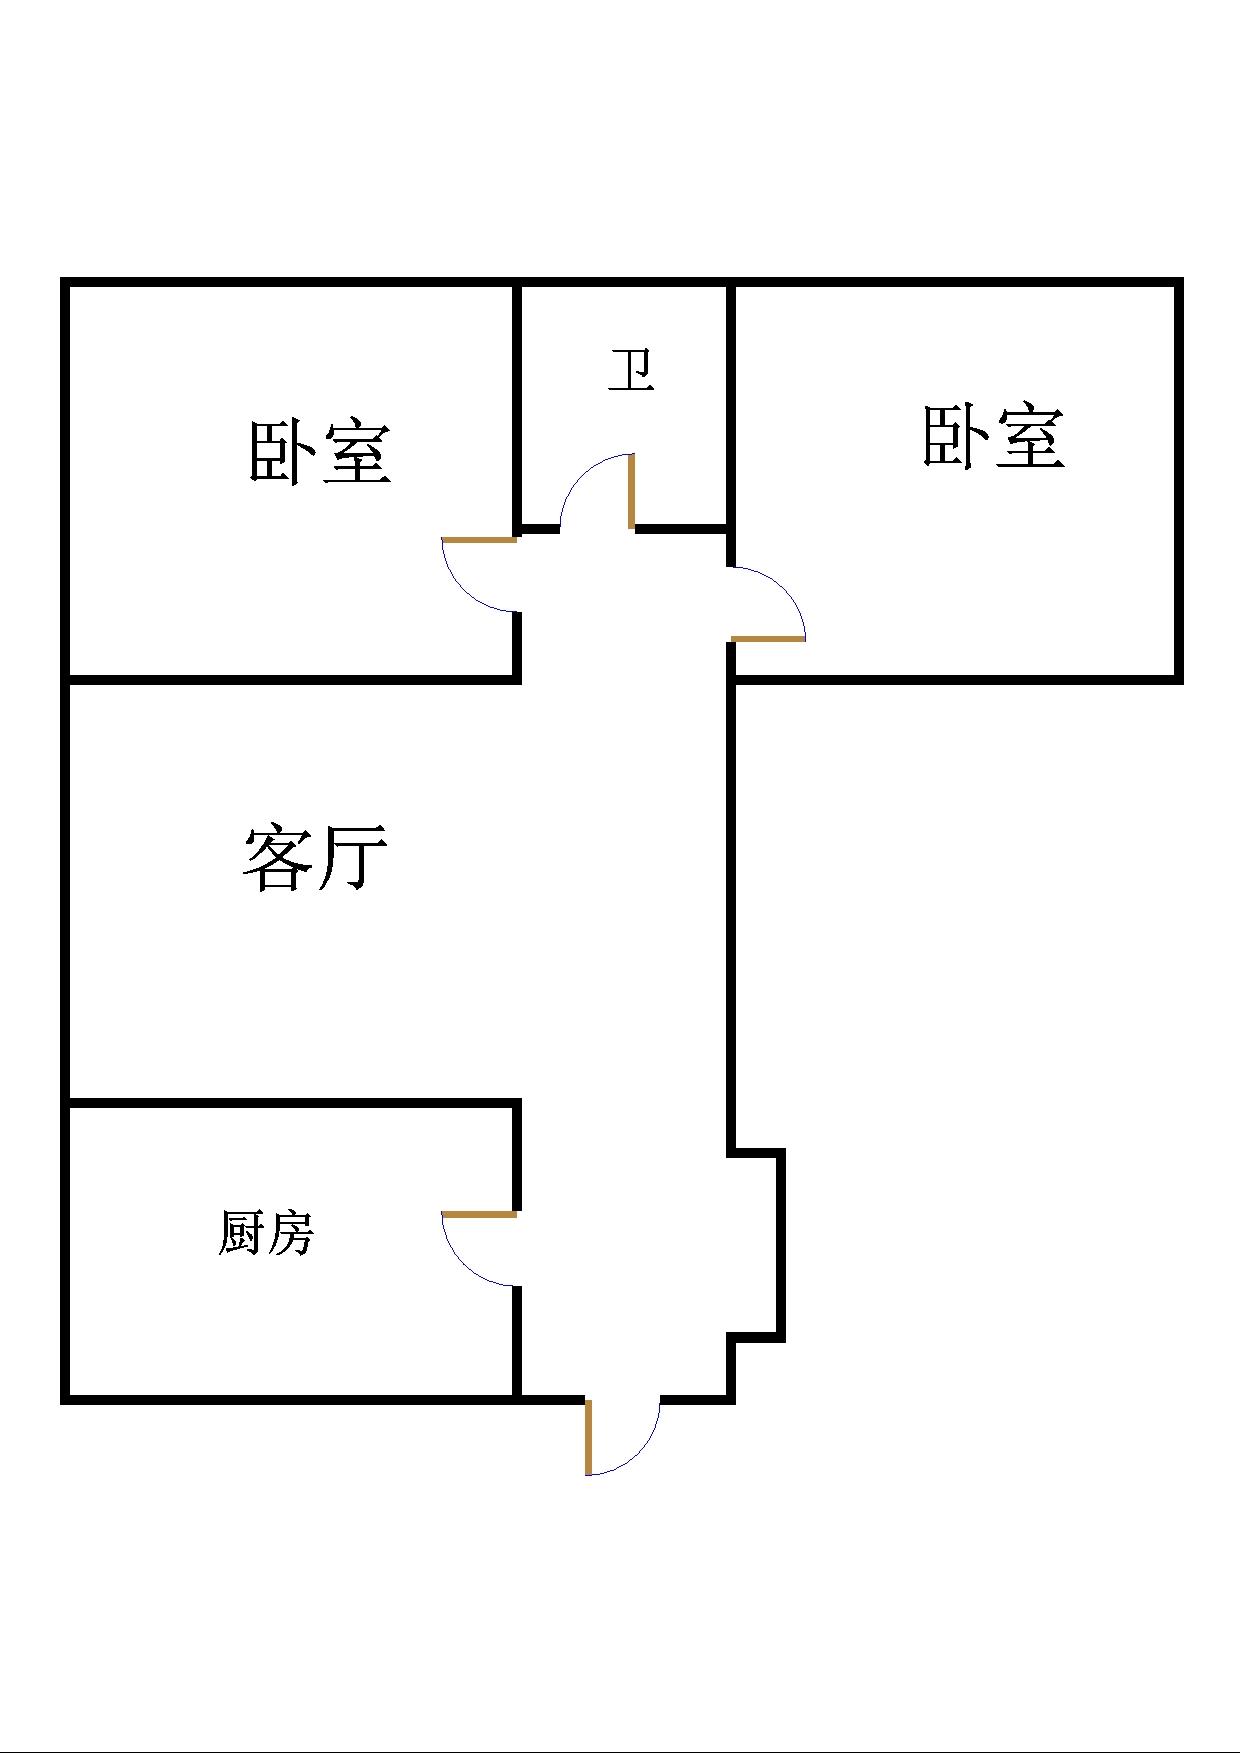 嘉城盛世 2室2厅 18楼